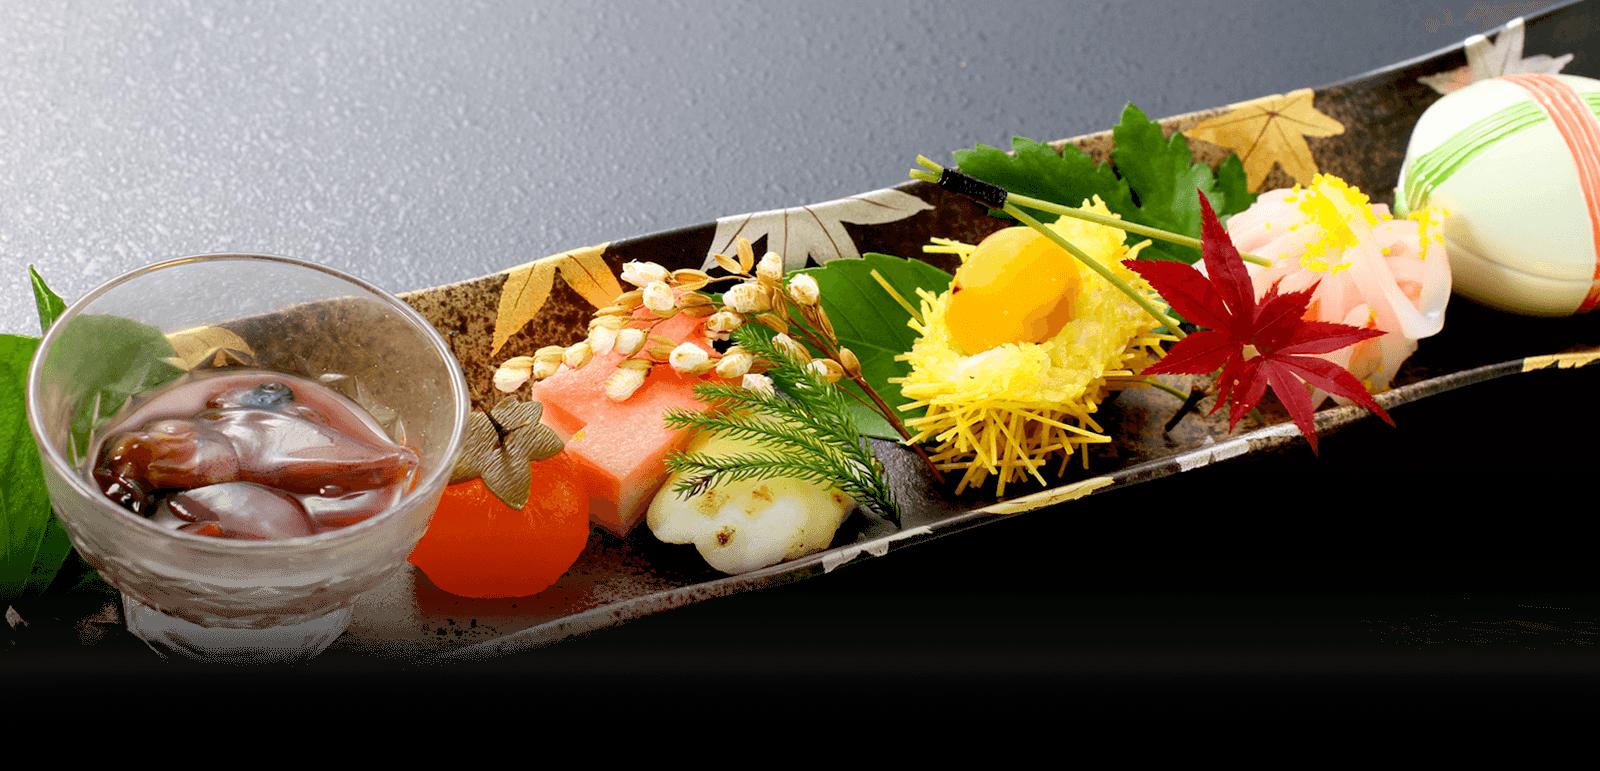 山口県萩市 旅館|萩城三の丸 北門屋敷のお食事イメージ画像